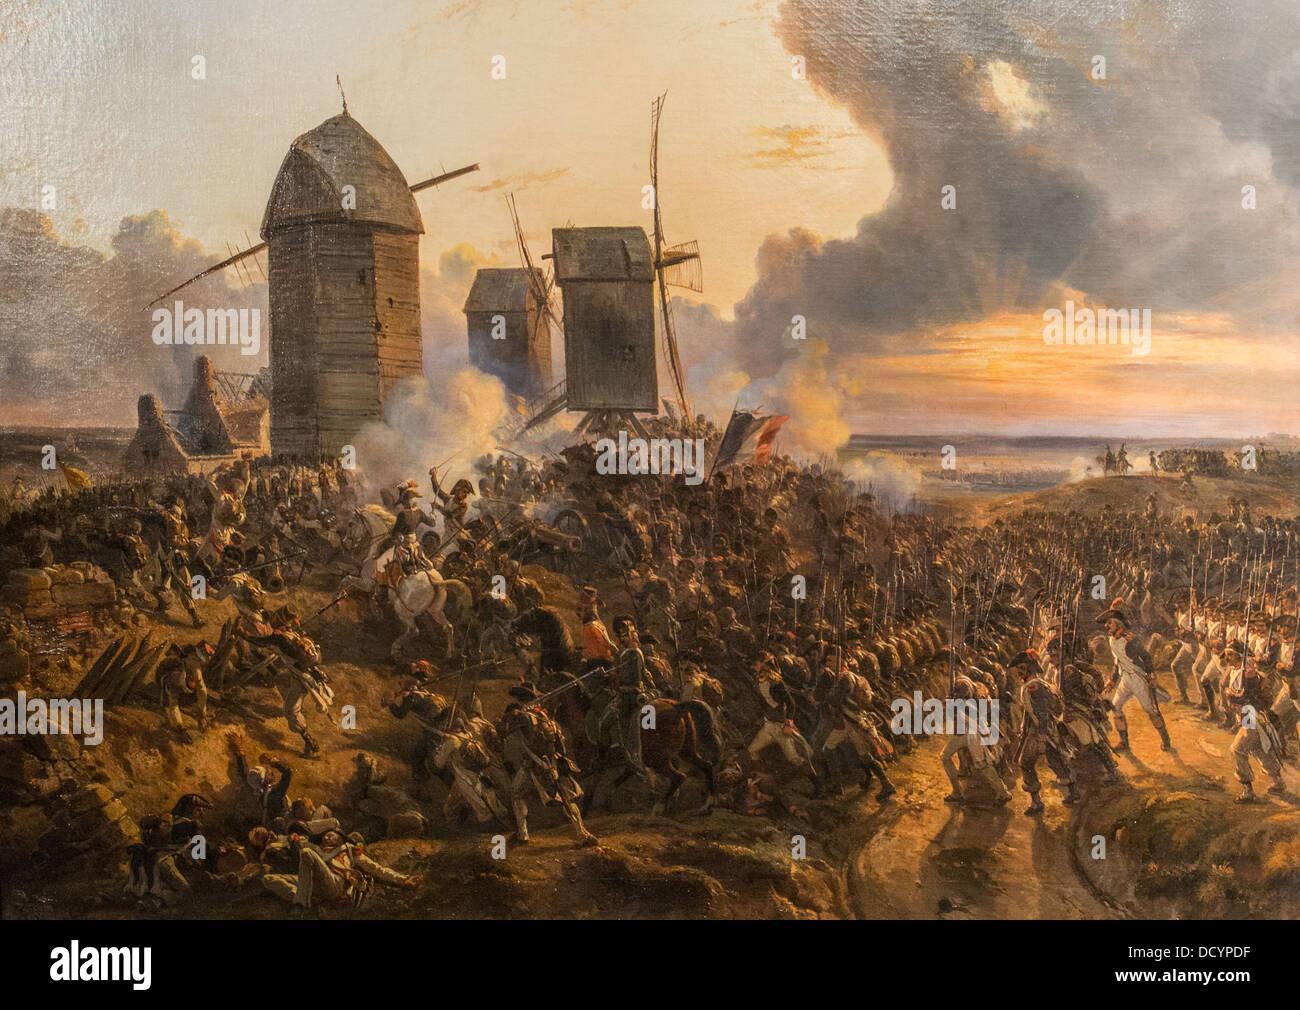 Battle of Mouscron 29 April 1794 - Charles-Louis Mozin - Musée de l'